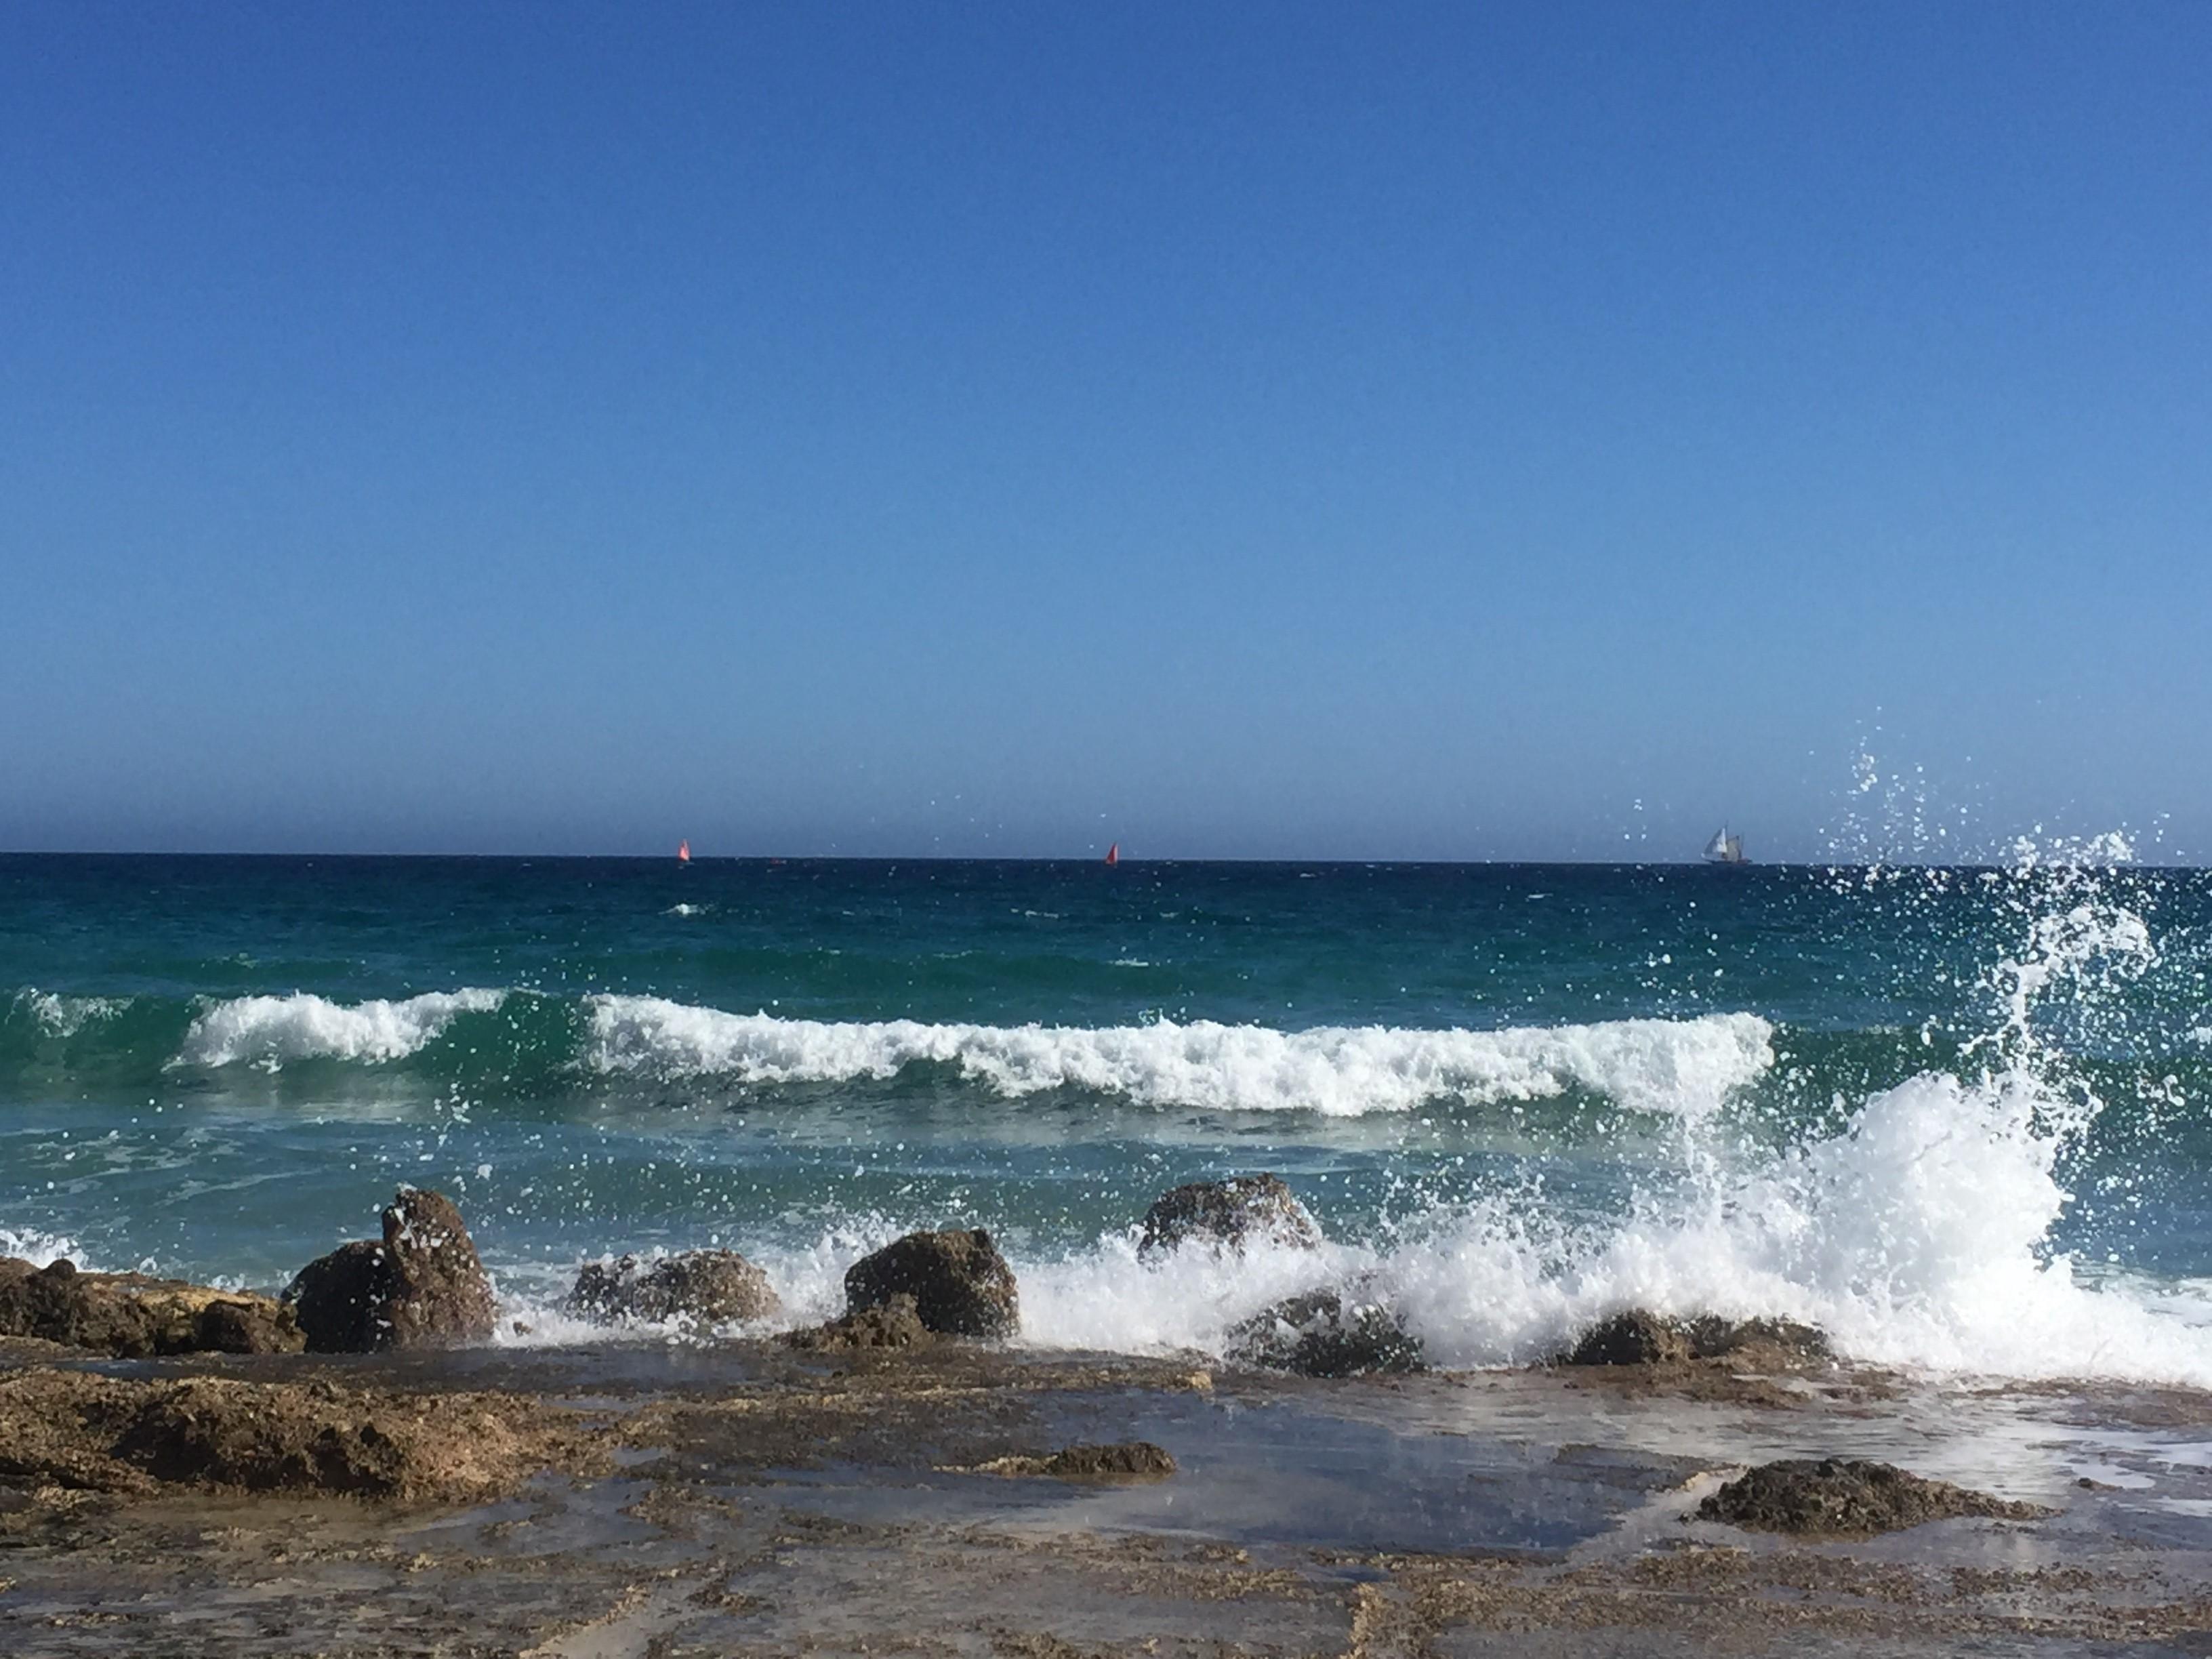 Meren kohina ja horisontin katsominen rauhoittavat.